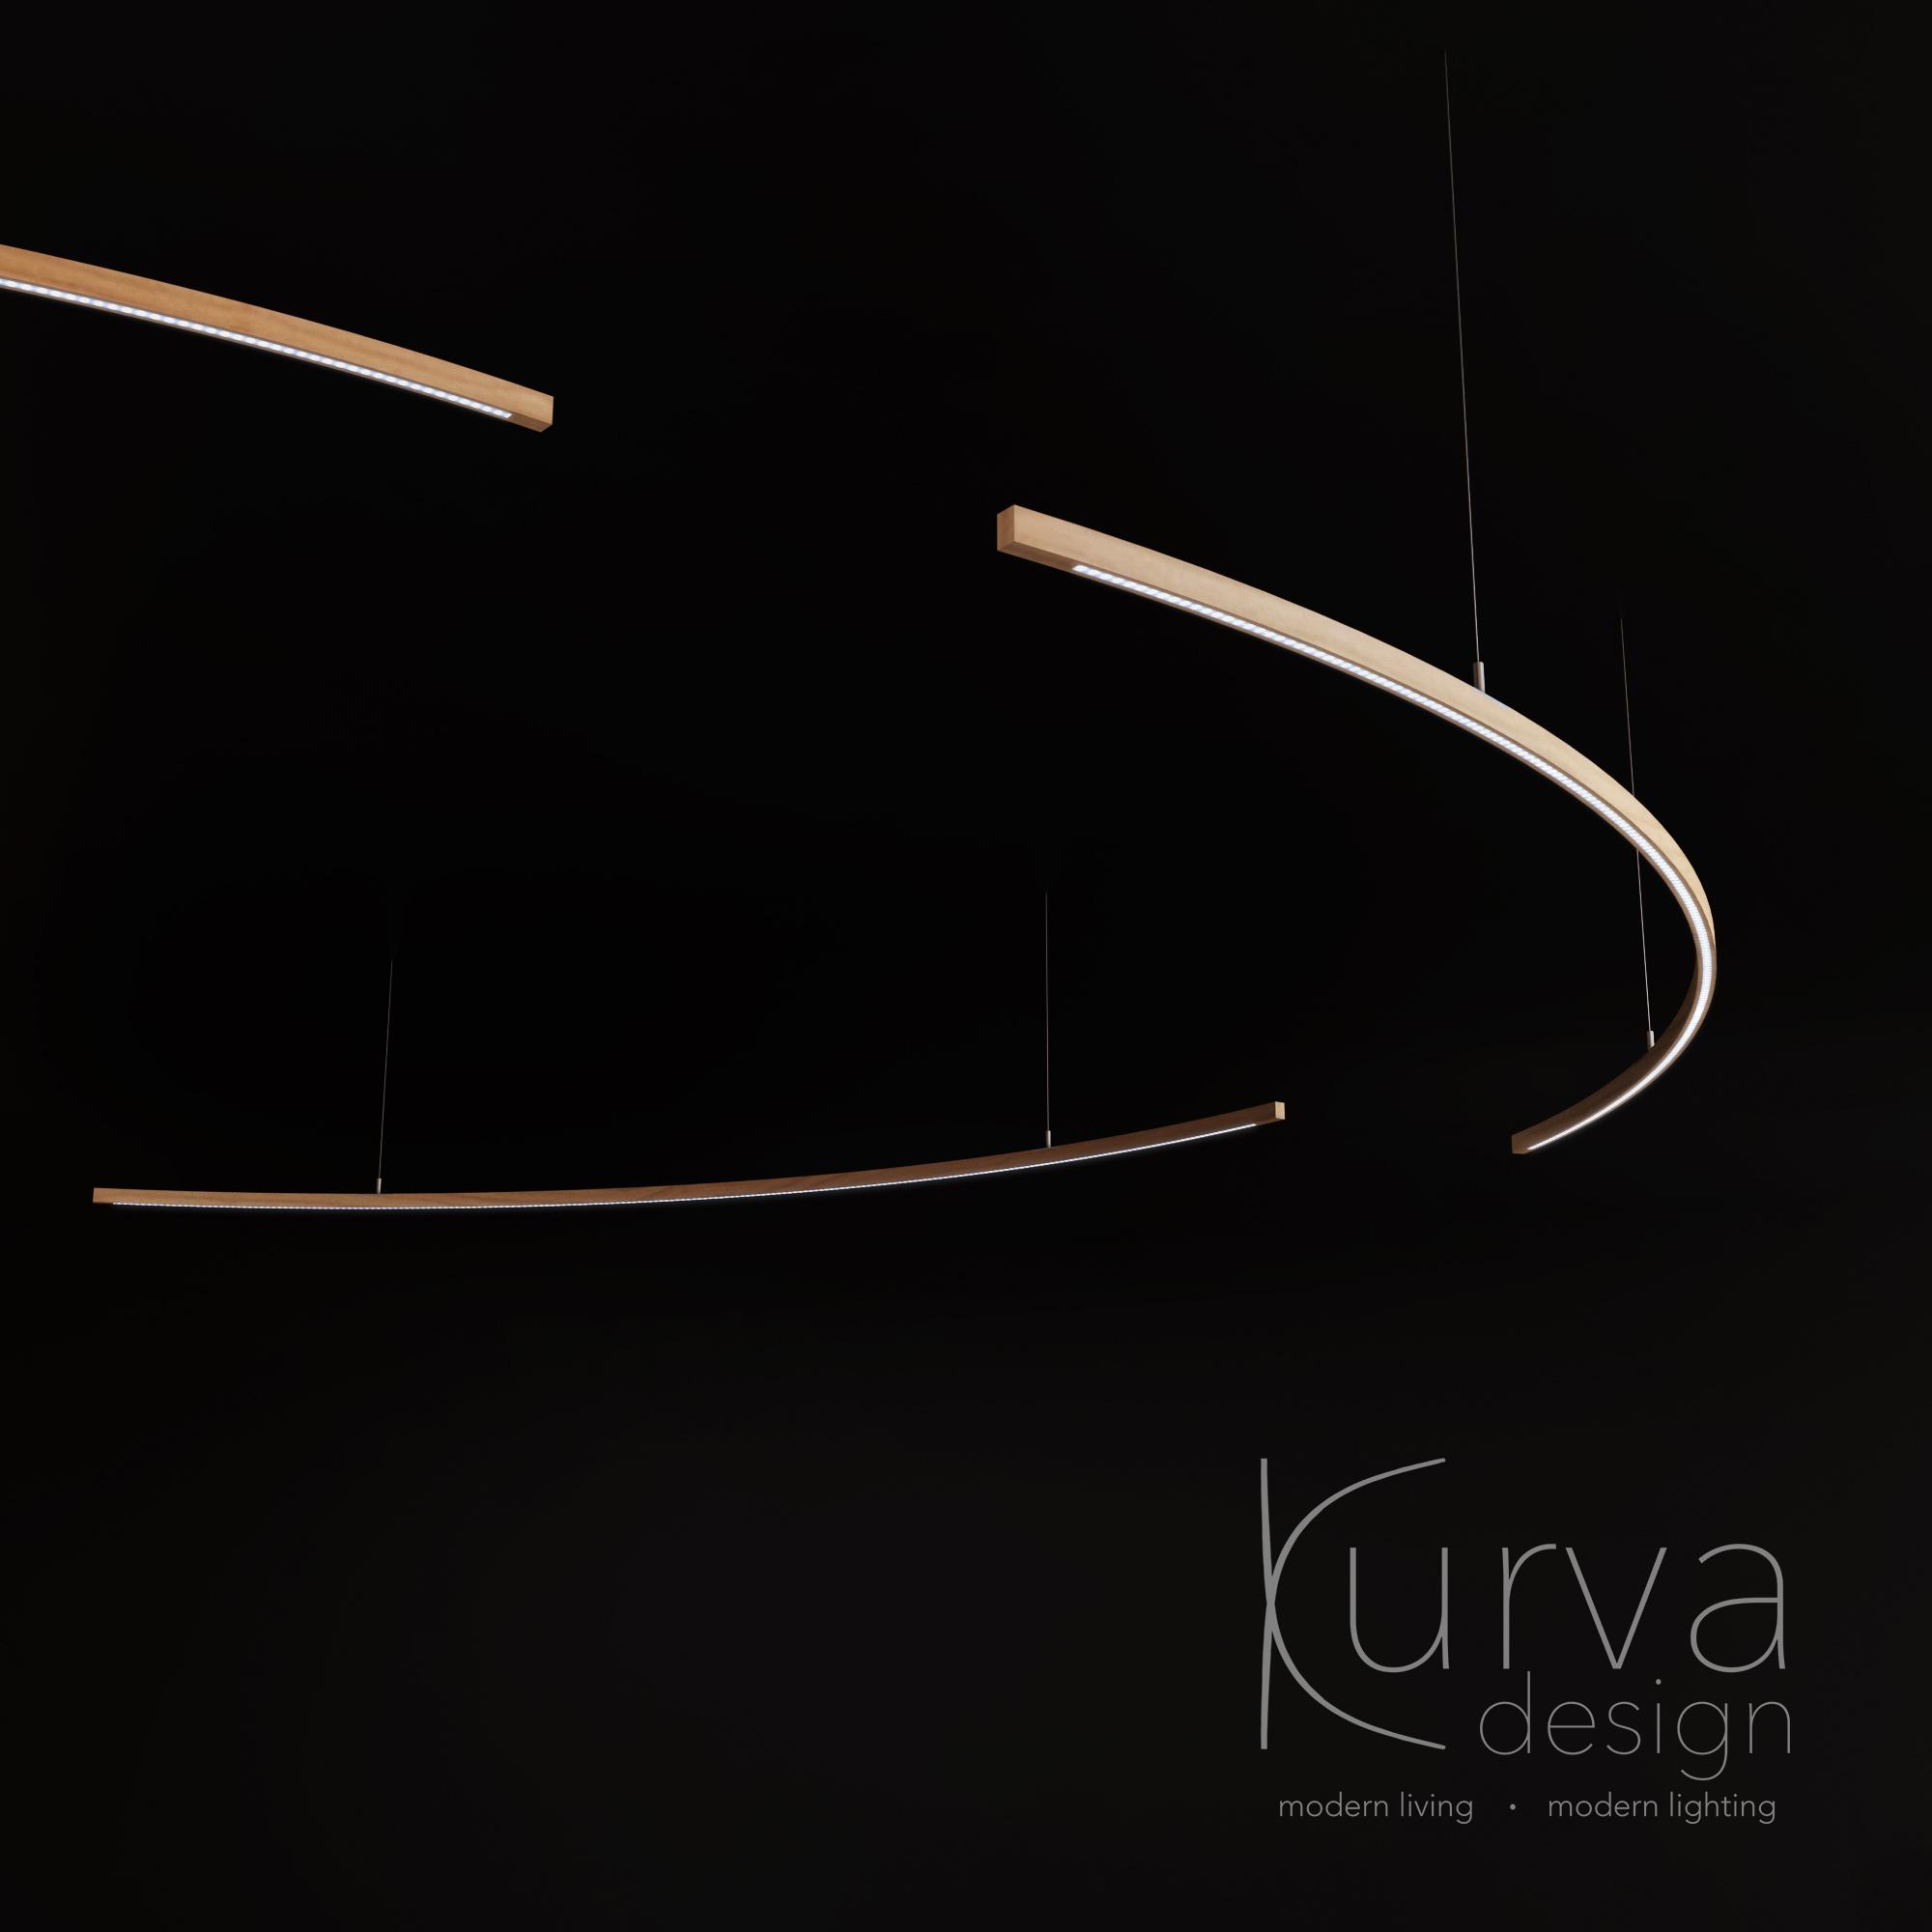 SiiteLines- Kurva Design